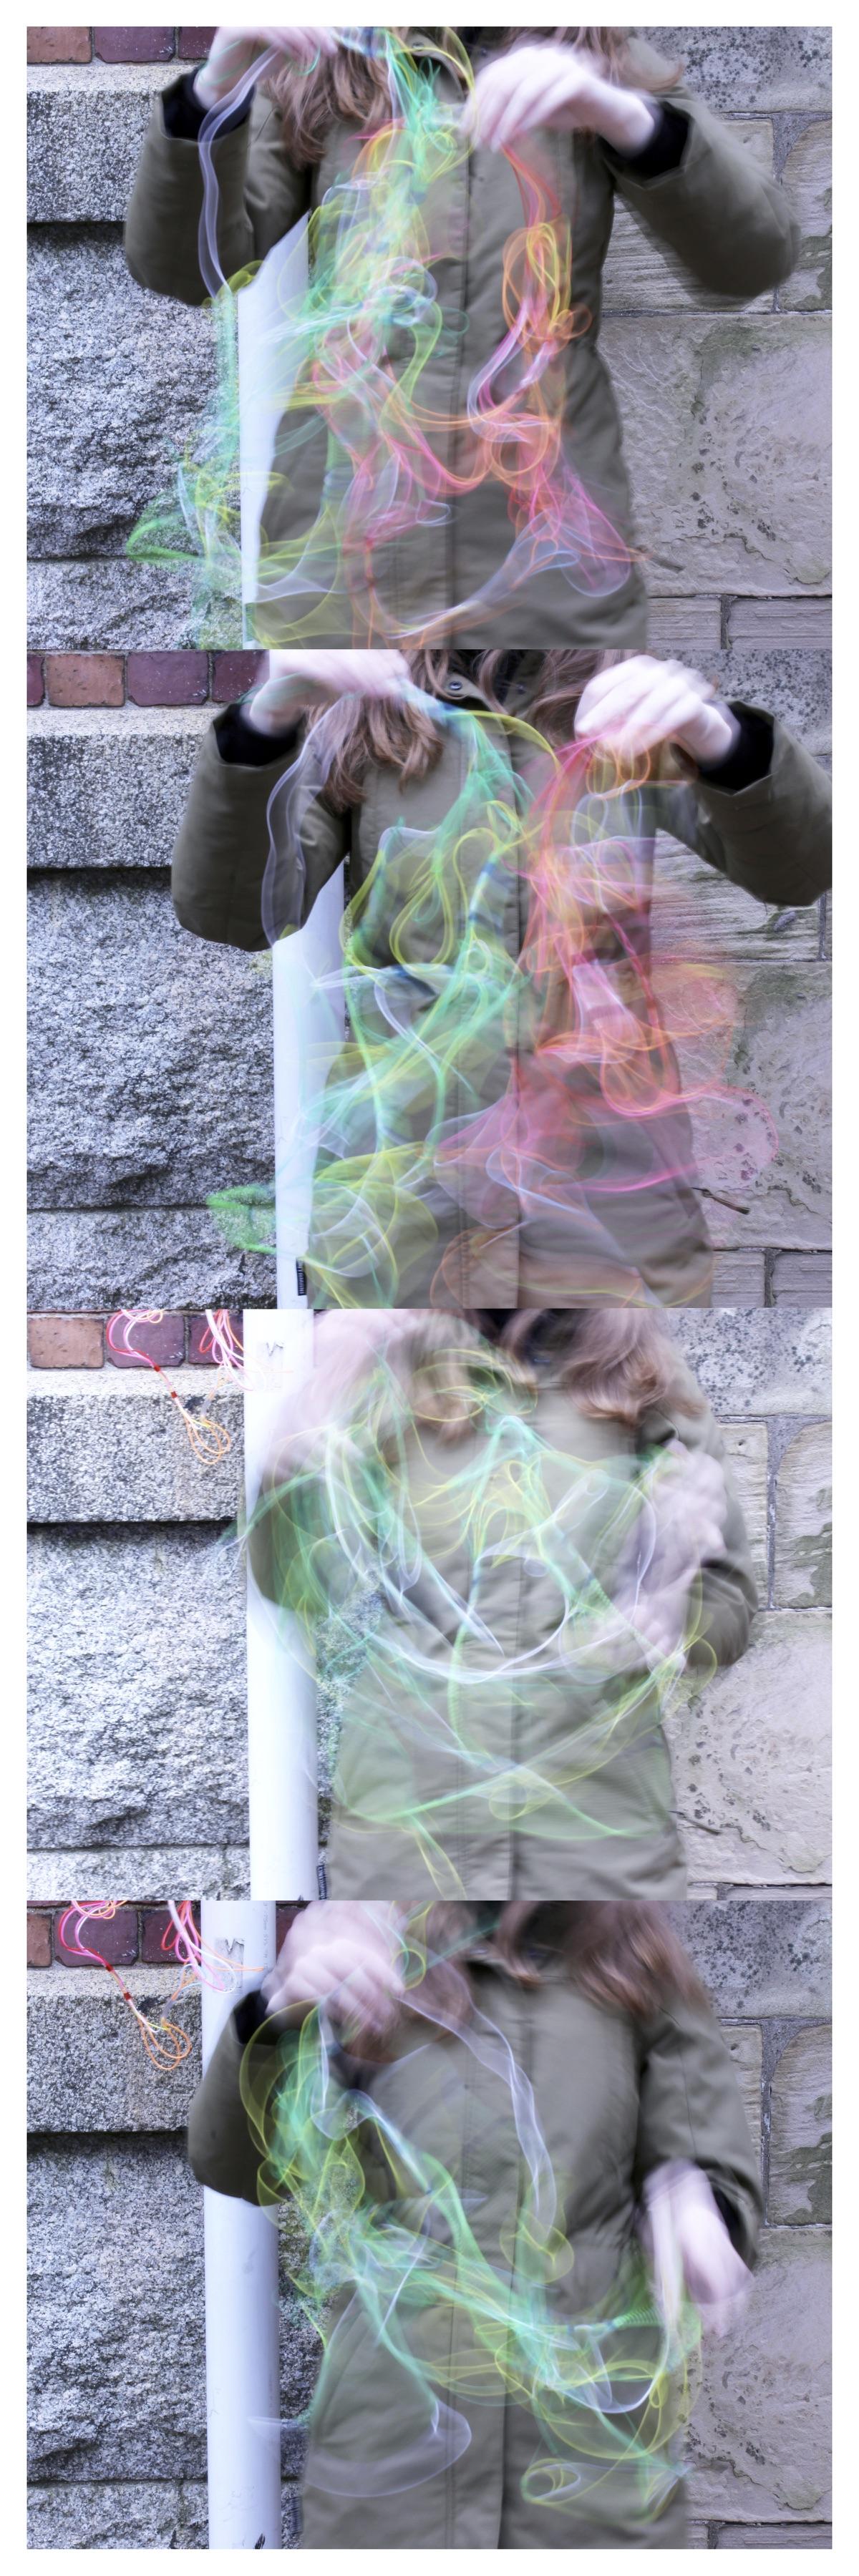 Alexandra Gasparis | <strong><em>Twisting</em></strong>